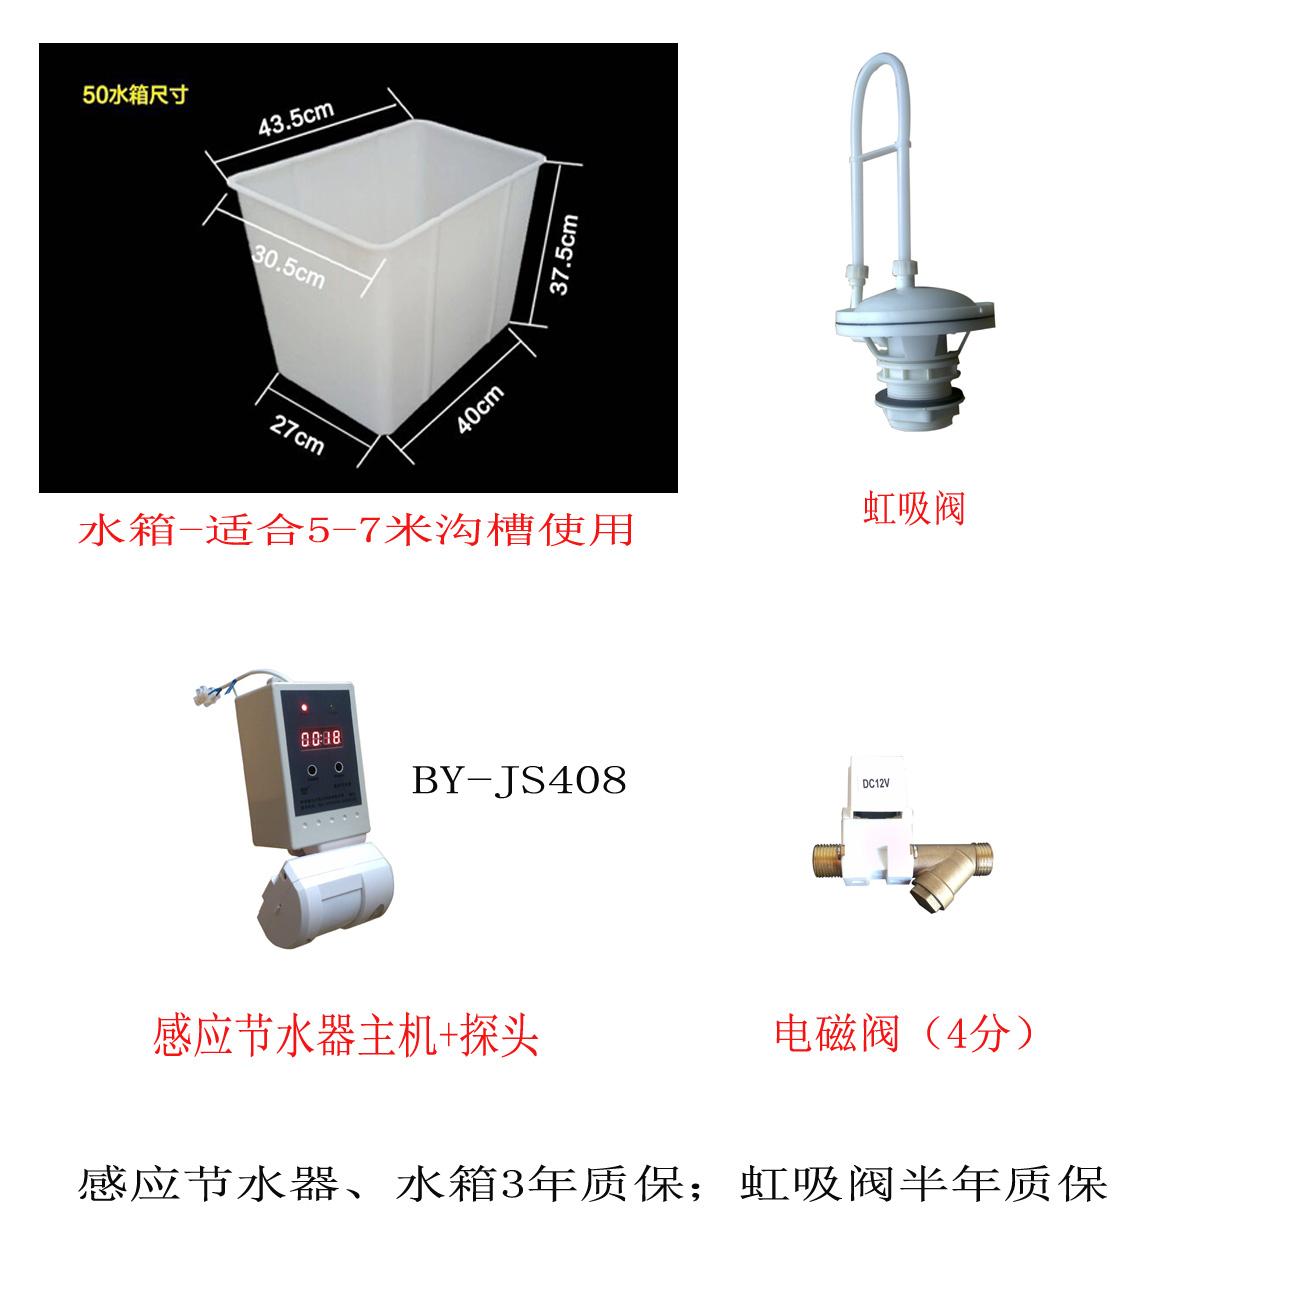 50L水箱+虹吸阀+感应节水器(BY-JS408)套件